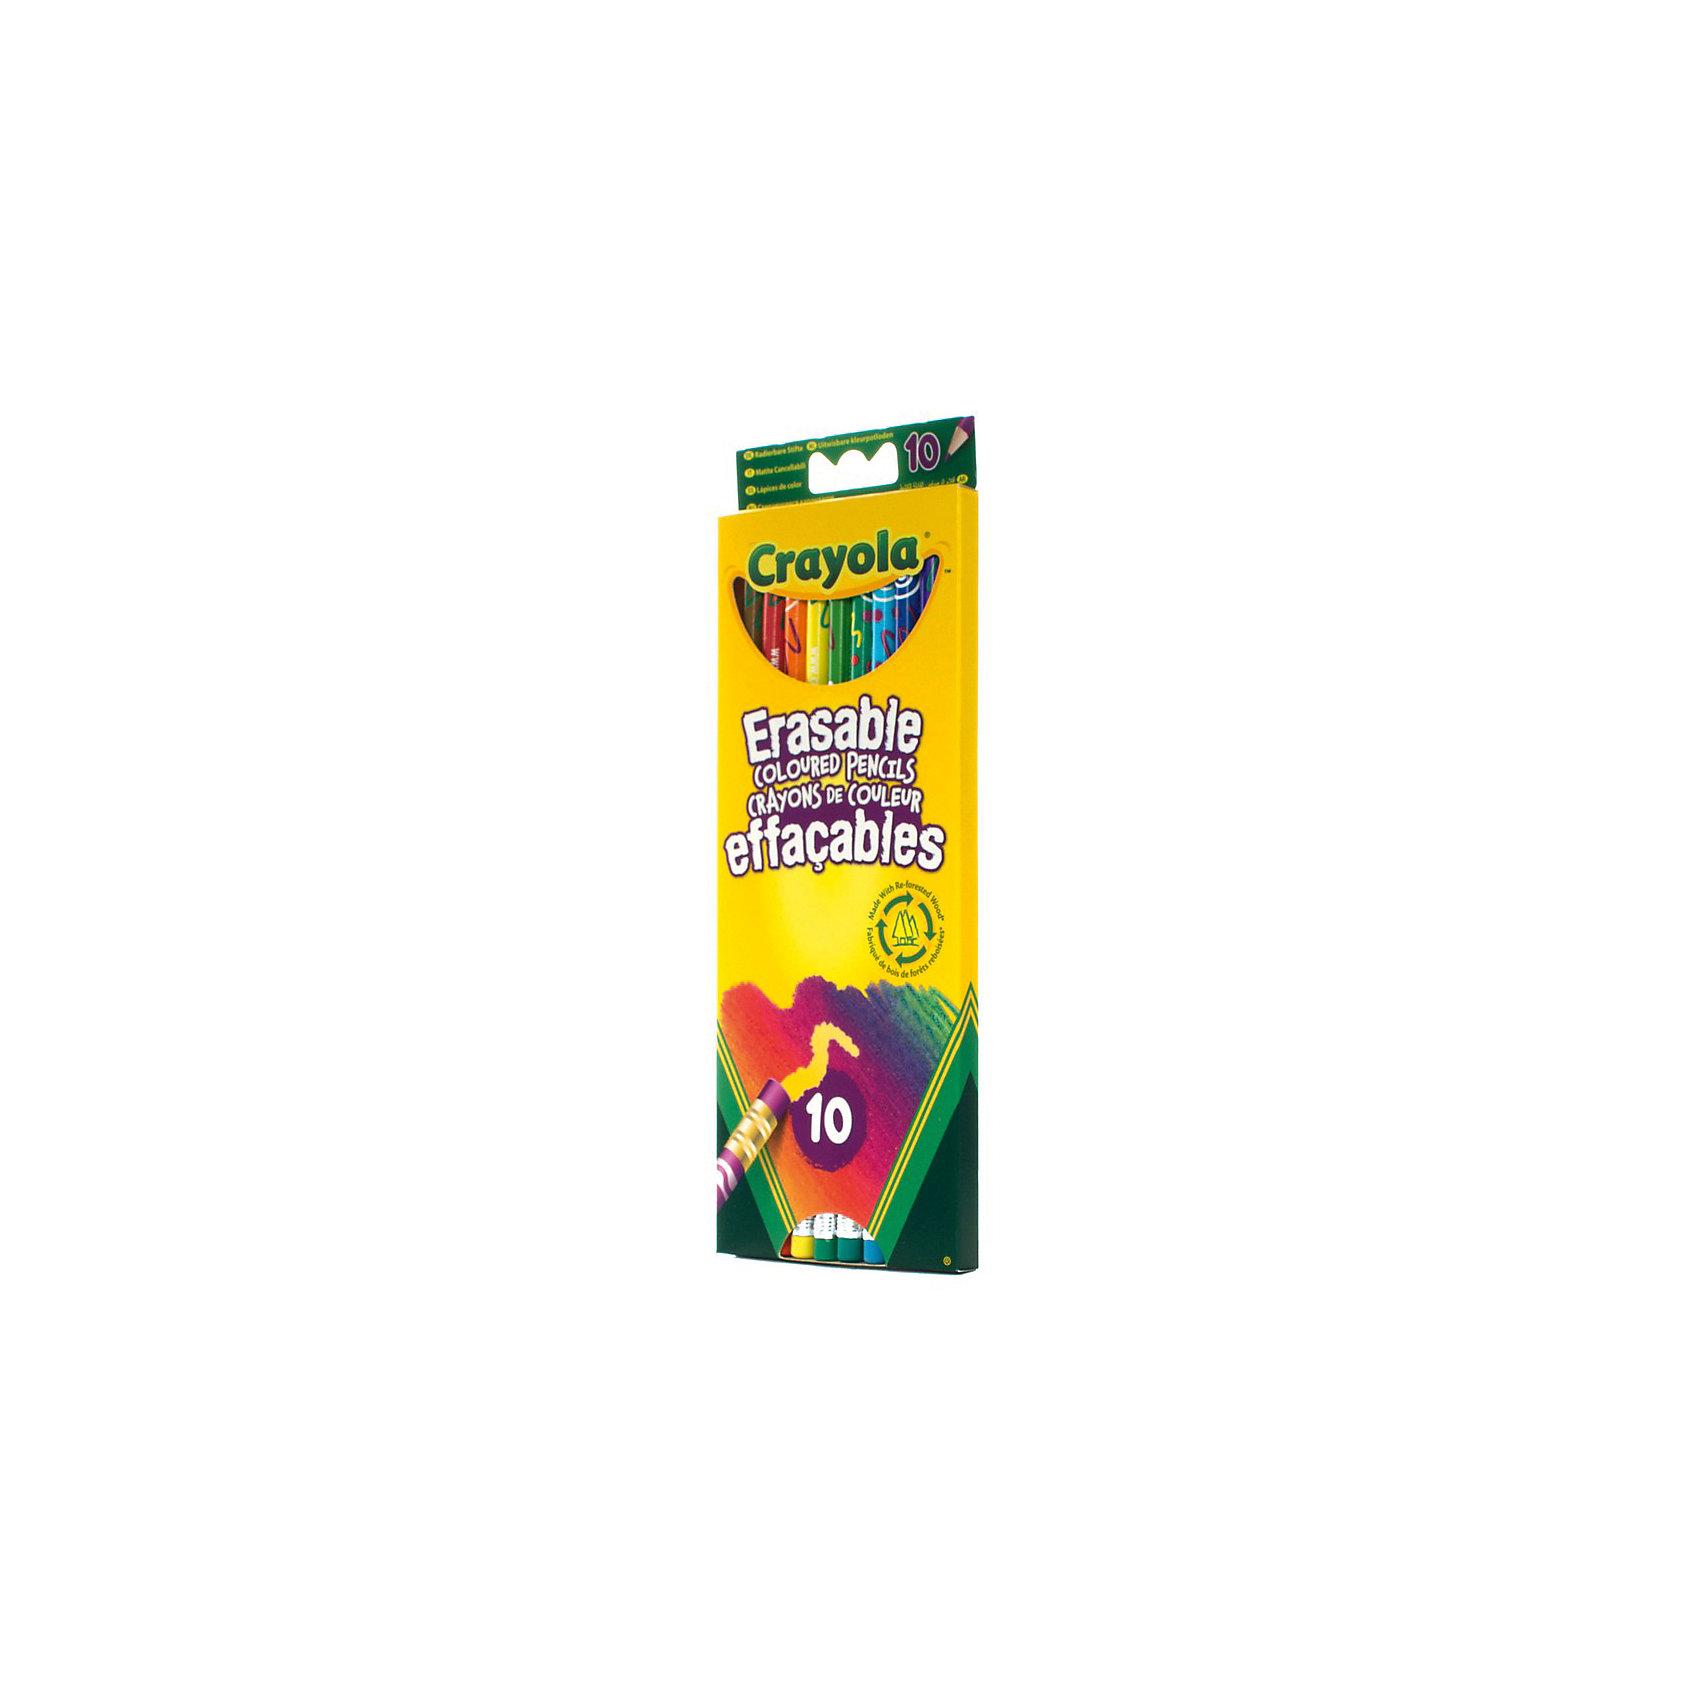 Цветные карандаши (10 шт) с корректорами, CrayolaЦветные карандаши<br>Все 10 цветных карандашей их этого набора от Crayola (Крайола) оснащены ластиками. На конце каждого карандаша – стирательная резинка соответствующего цвета. <br>Часто при раскрашивании цветными карандашами малыши сталкиваются с тем, что практически невозможно удалить часть рисунка или подкорректировать его. В лучшем случае – остаются разводы, в худшем – портится бумага, появляются дырки. Но только не с этими карандашами! Благодаря специальной технологии ластики с карандашей идеально стирают все нарисованное соответствующим цветом, не оставляя грязи и разводов.<br><br>Дополнительная информация:<br><br>В наборе вы найдете карандаши 10 цветов. Корпус каждого из них покрыт разнообразными узорами. <br>Размер карандаша: 19 х 0,7 см (диаметр).<br>Все стержни карандашей – с диаметром 0,33 см. <br>Размеры упаковки: 8х0,9х22,7 см. <br>Вес набора: 80 грамм.<br><br>Набор цветных карандашей с корректорами, Crayola (Крайола) можно купить в нашем магазине.<br><br>Ширина мм: 211<br>Глубина мм: 81<br>Высота мм: 10<br>Вес г: 65<br>Возраст от месяцев: 36<br>Возраст до месяцев: 96<br>Пол: Унисекс<br>Возраст: Детский<br>SKU: 2129334